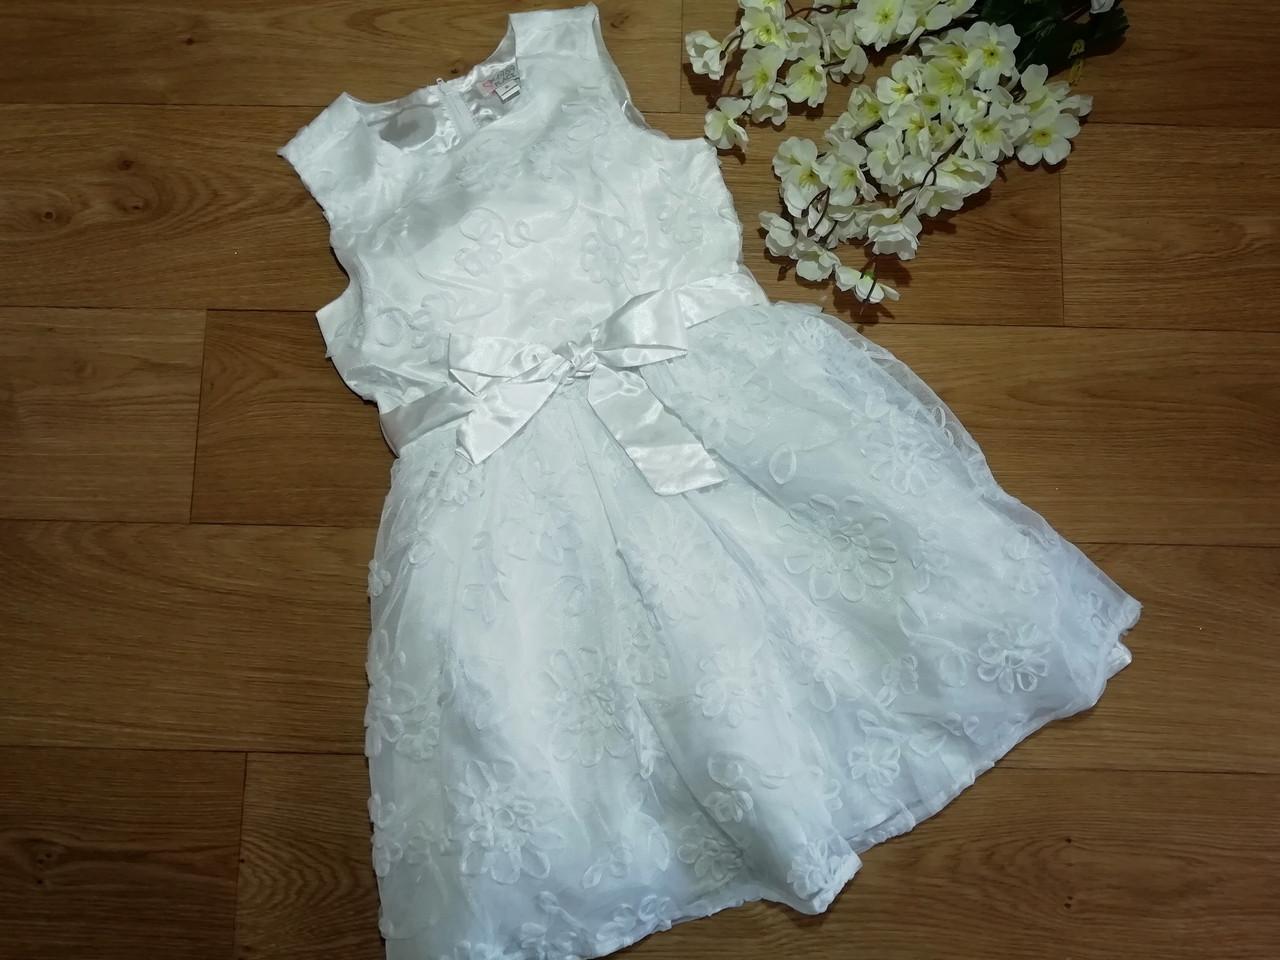 Нарядное белоснежное пышное платье на девочку Children's Place (США) (Размер 8Т)